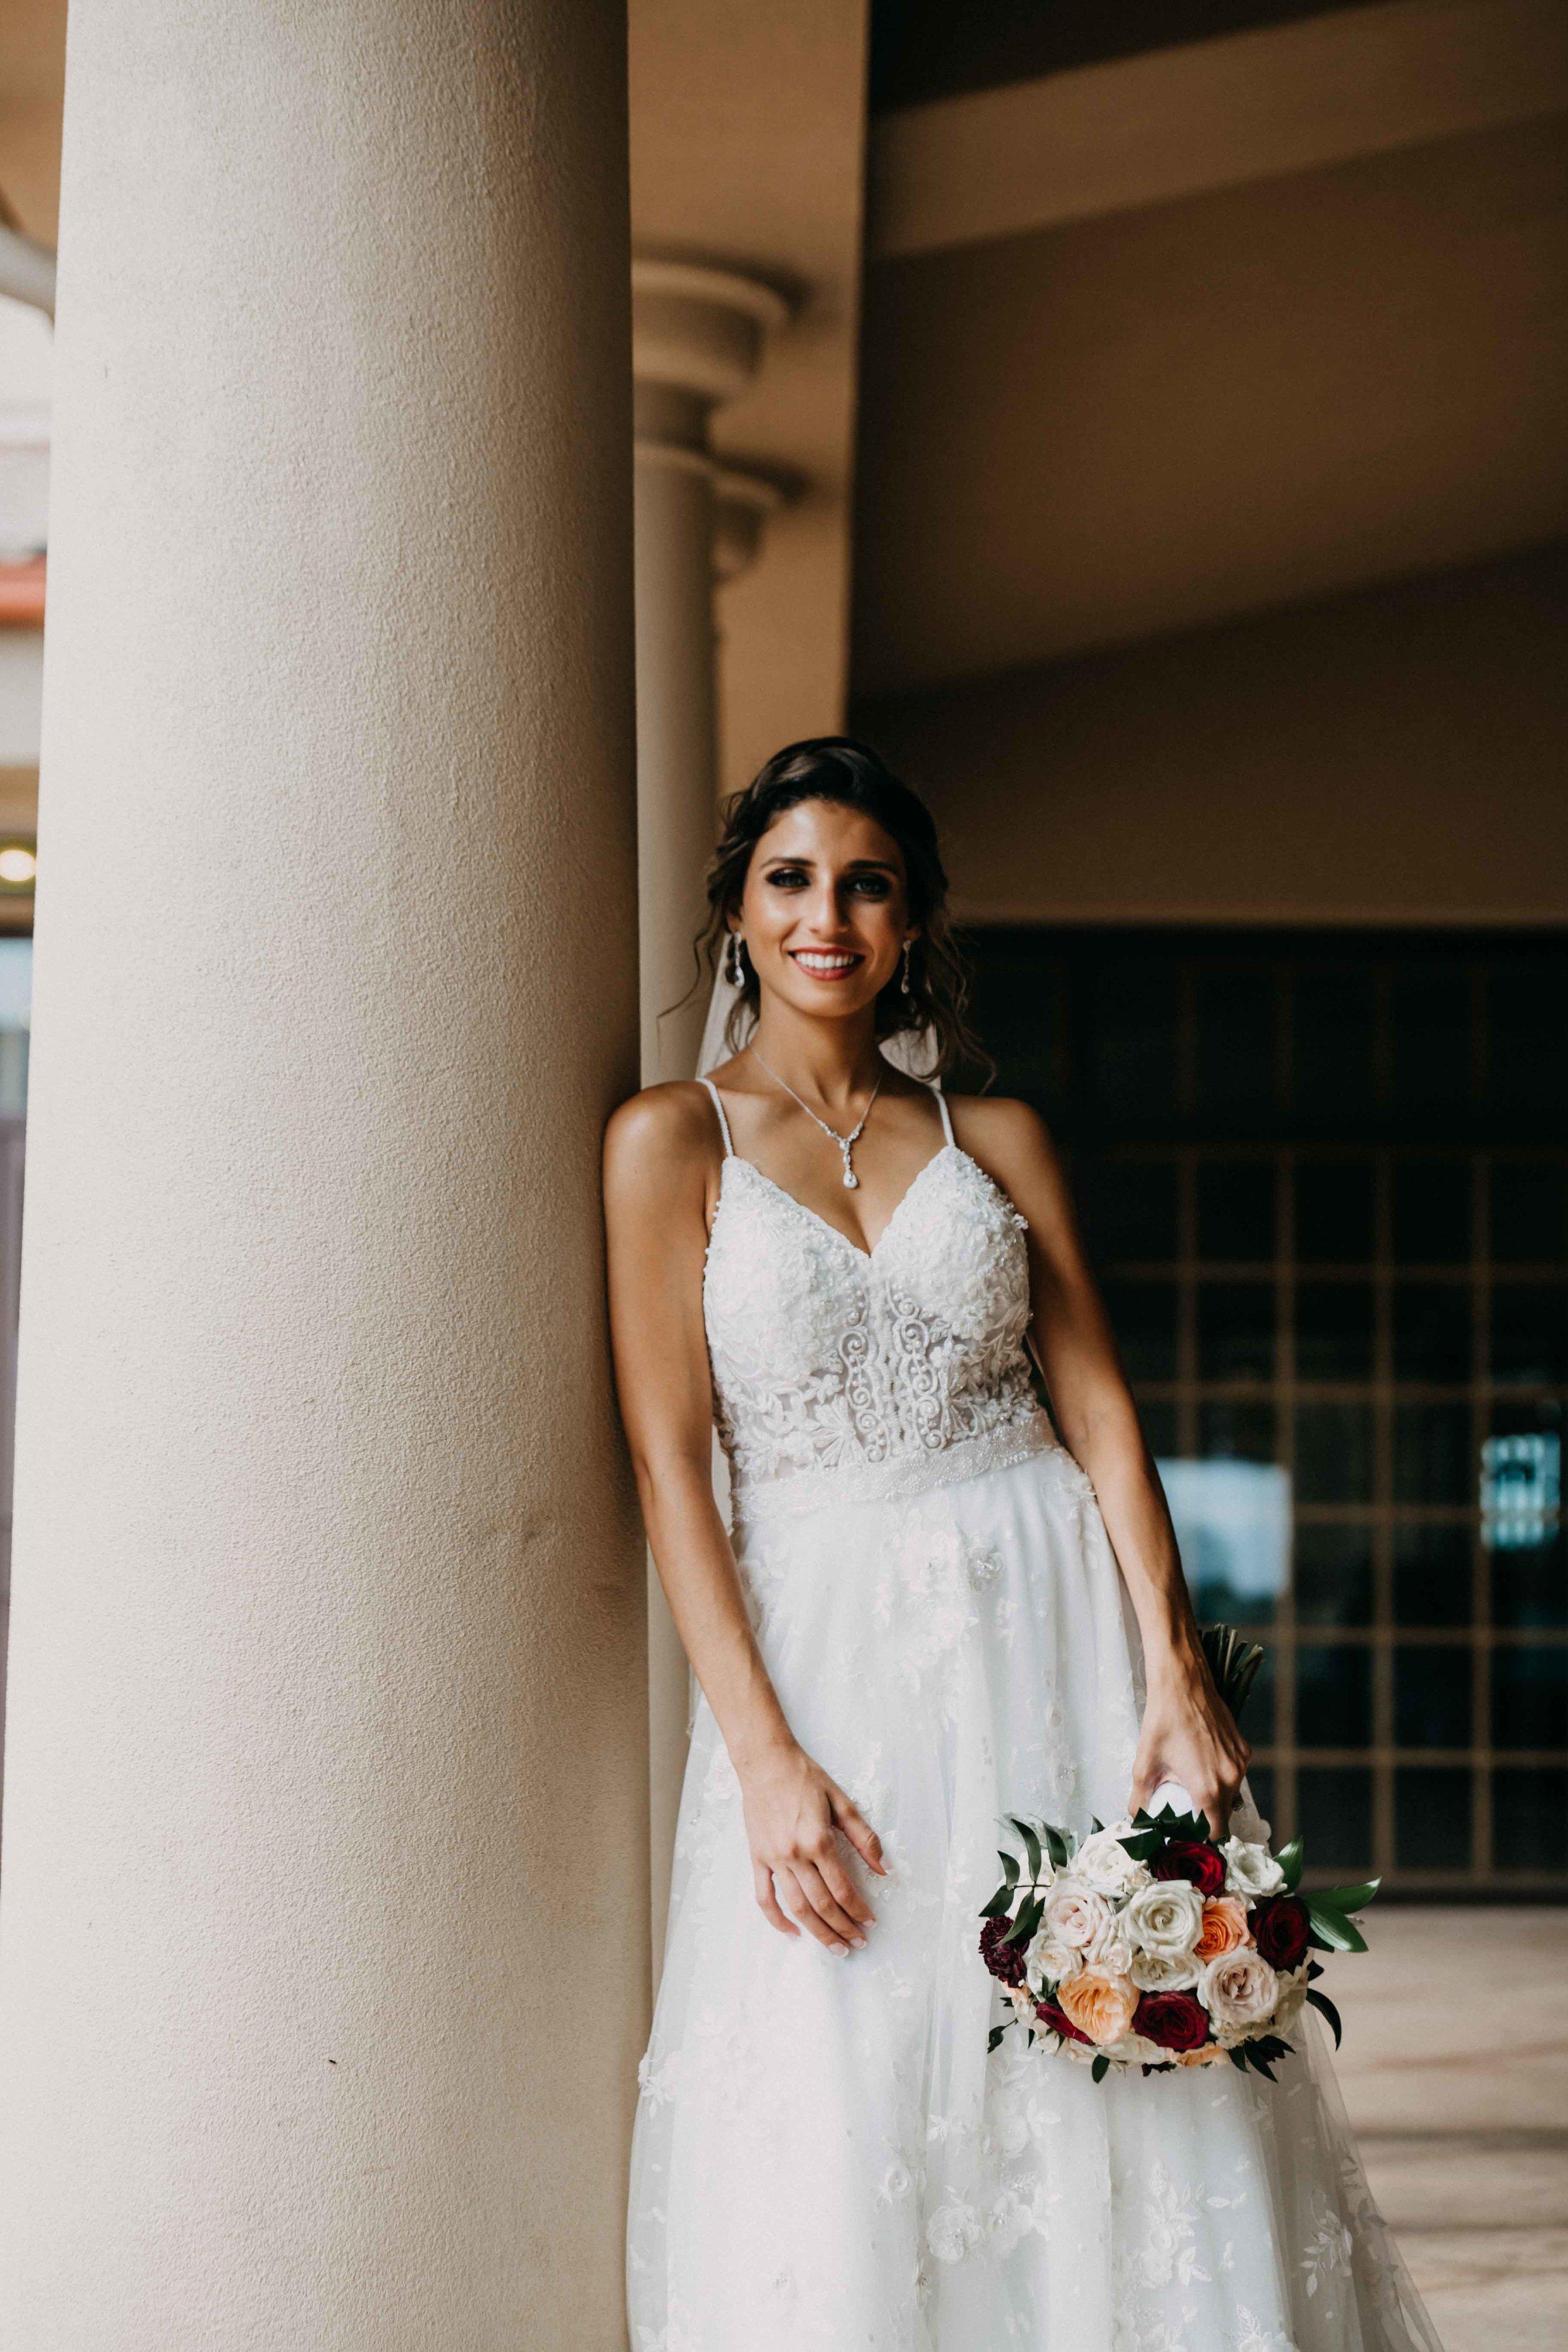 myrtle_beach_south_carolina_wedding_greek_orthodox074.jpg